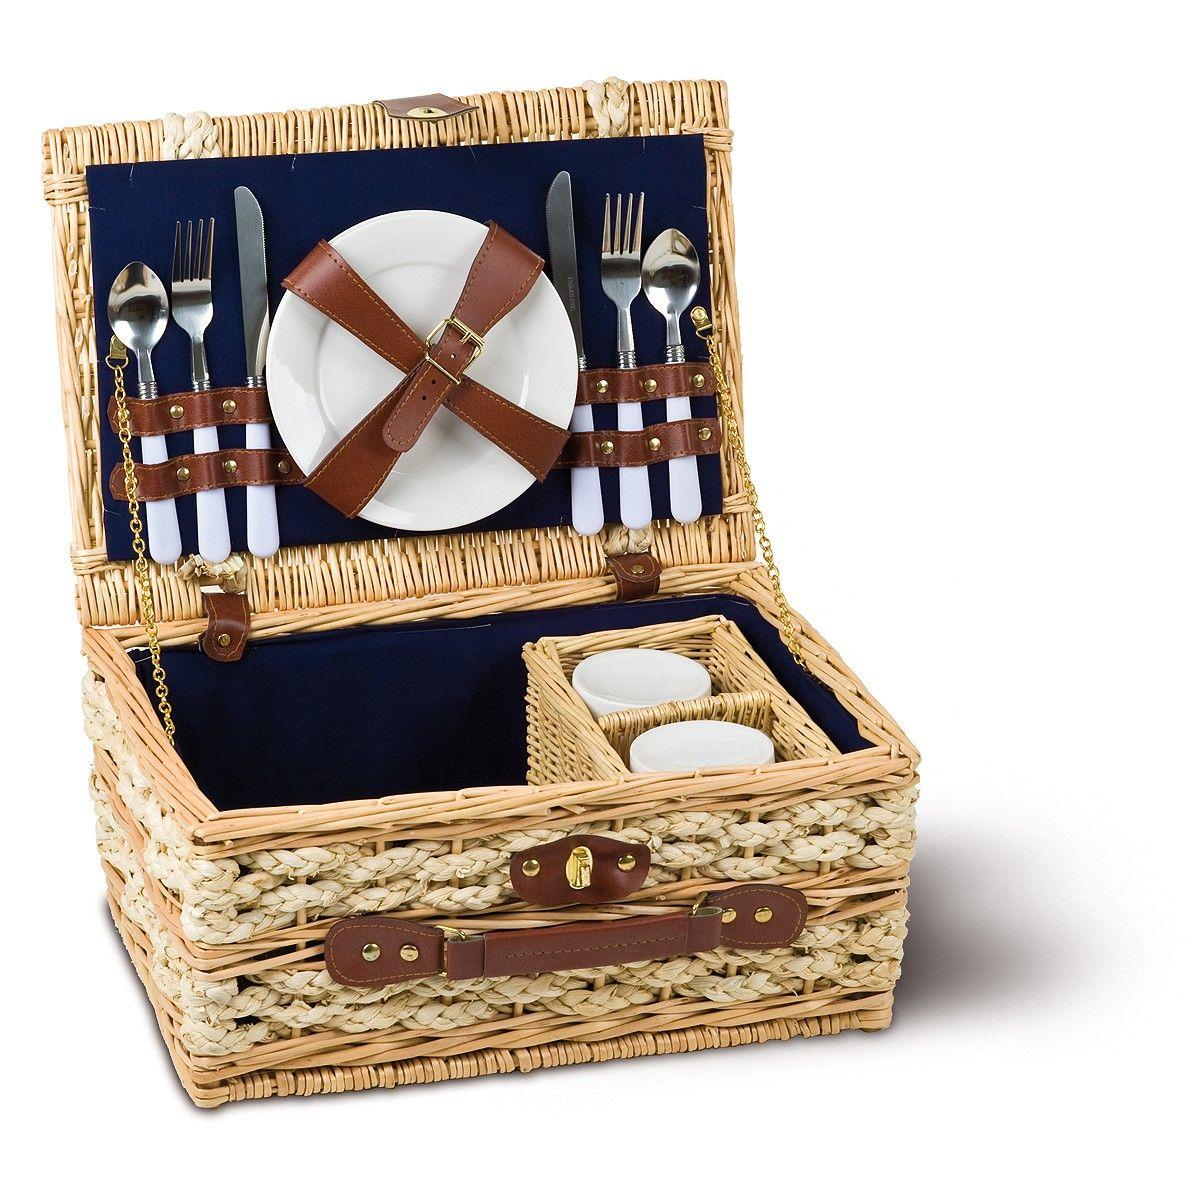 luxus picknickkorb f r romantische stunden zu zweit wohnen leben haushalt korbwaren. Black Bedroom Furniture Sets. Home Design Ideas